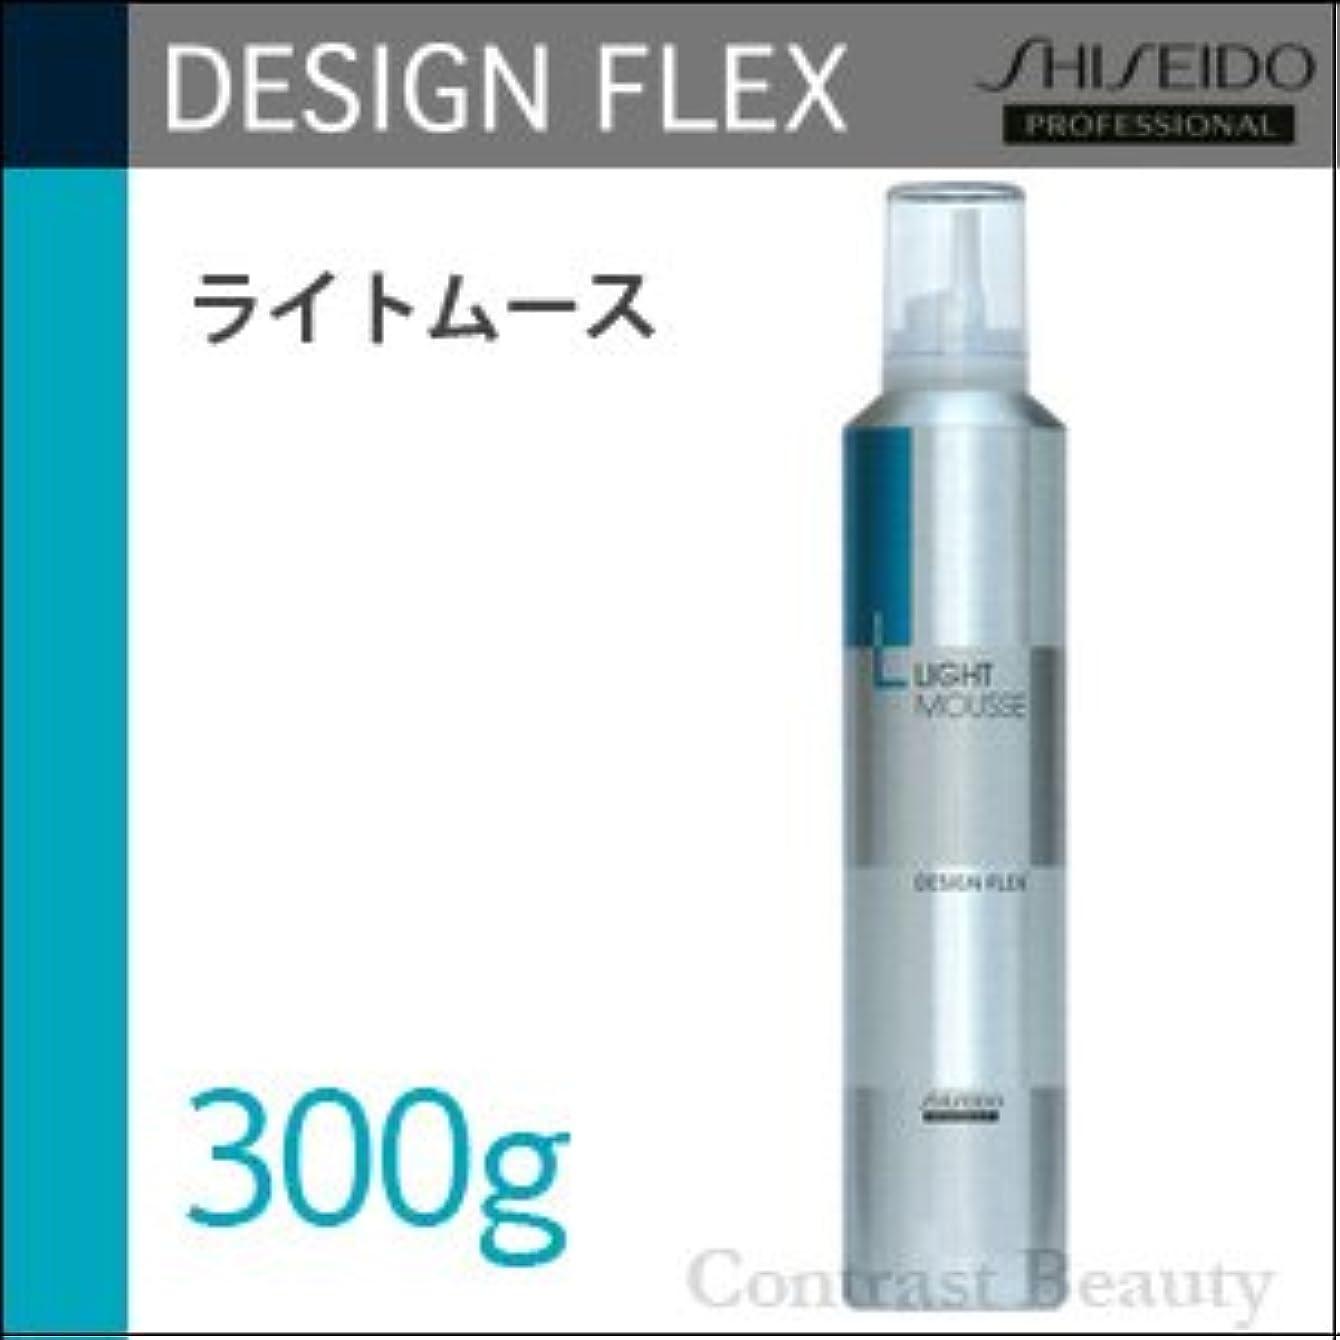 香港後世用心する【x5個セット】 資生堂 デザインフレックス ライトムース 300g